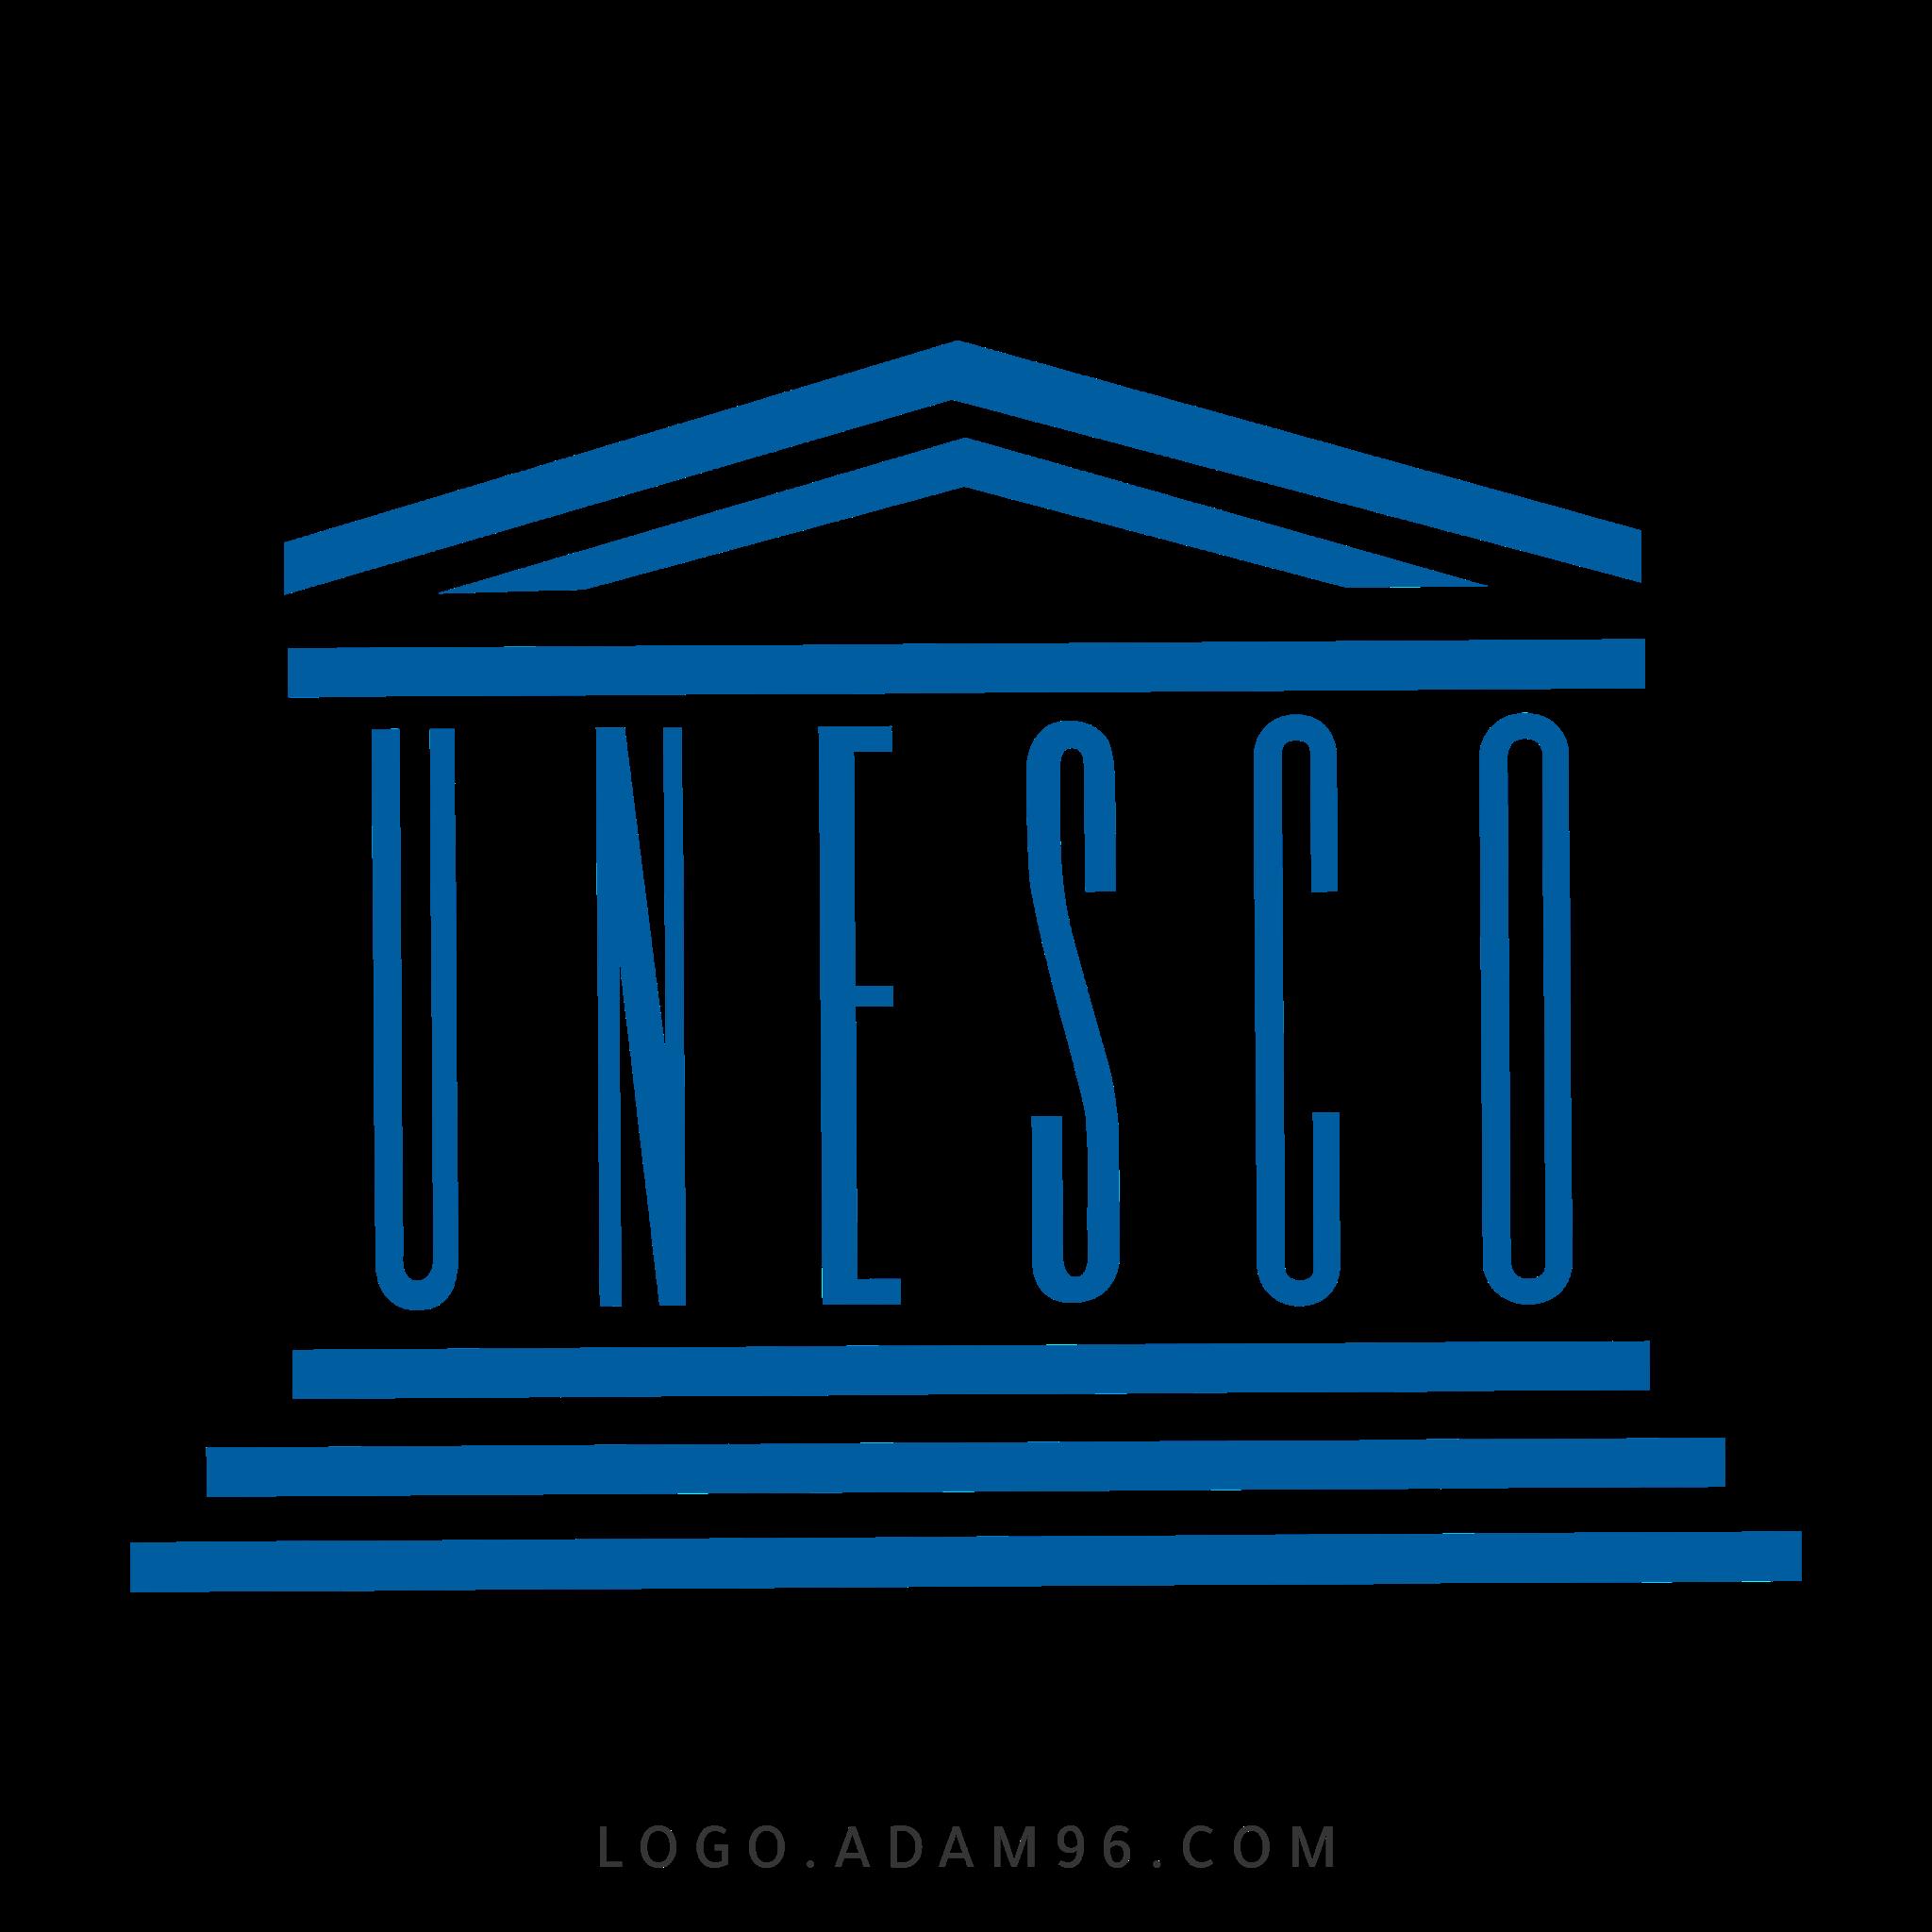 تحميل شعار منظمة اليونسكو العالمي لوجو رسمي عالي الدقة LOGO UNESCO